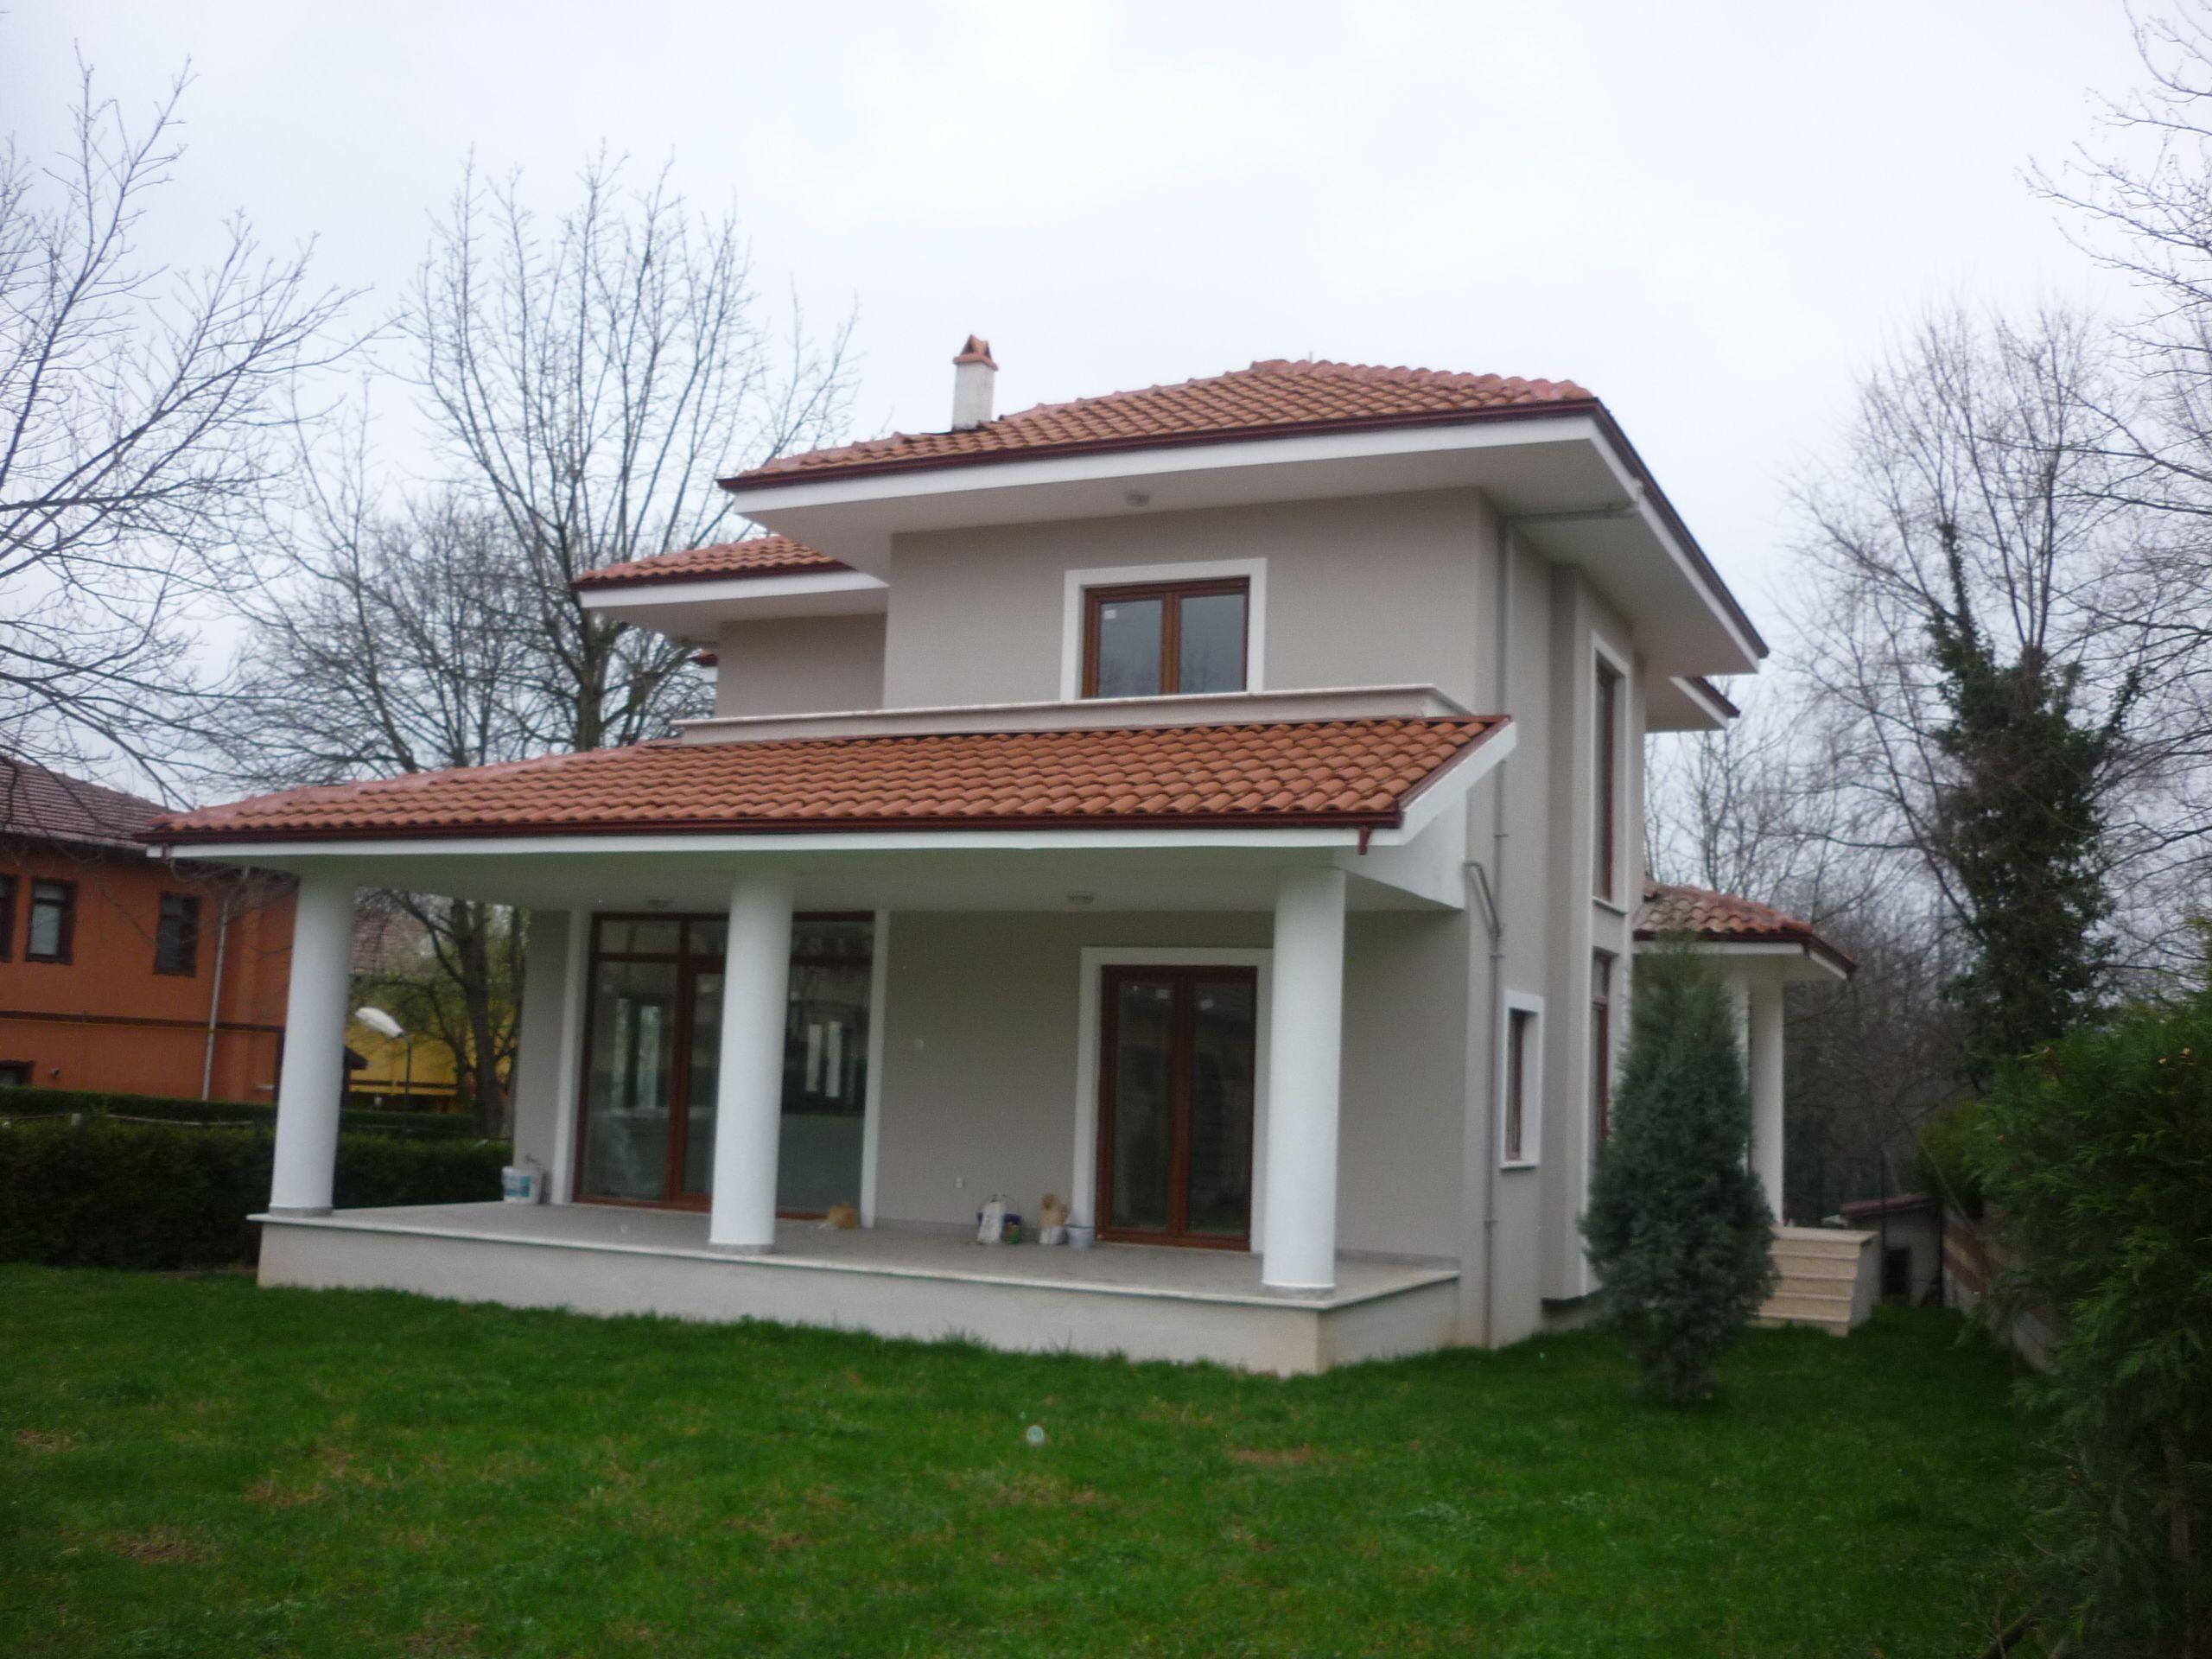 تملك شقة رائعة في اسطنبول بيوت وشقق تقسيط للبيع في اسطنبول عقارات وفرص استثمارية في اسطنبول Http Alanyaistanbul Real Estate Turkey Real Estate Outdoor Decor